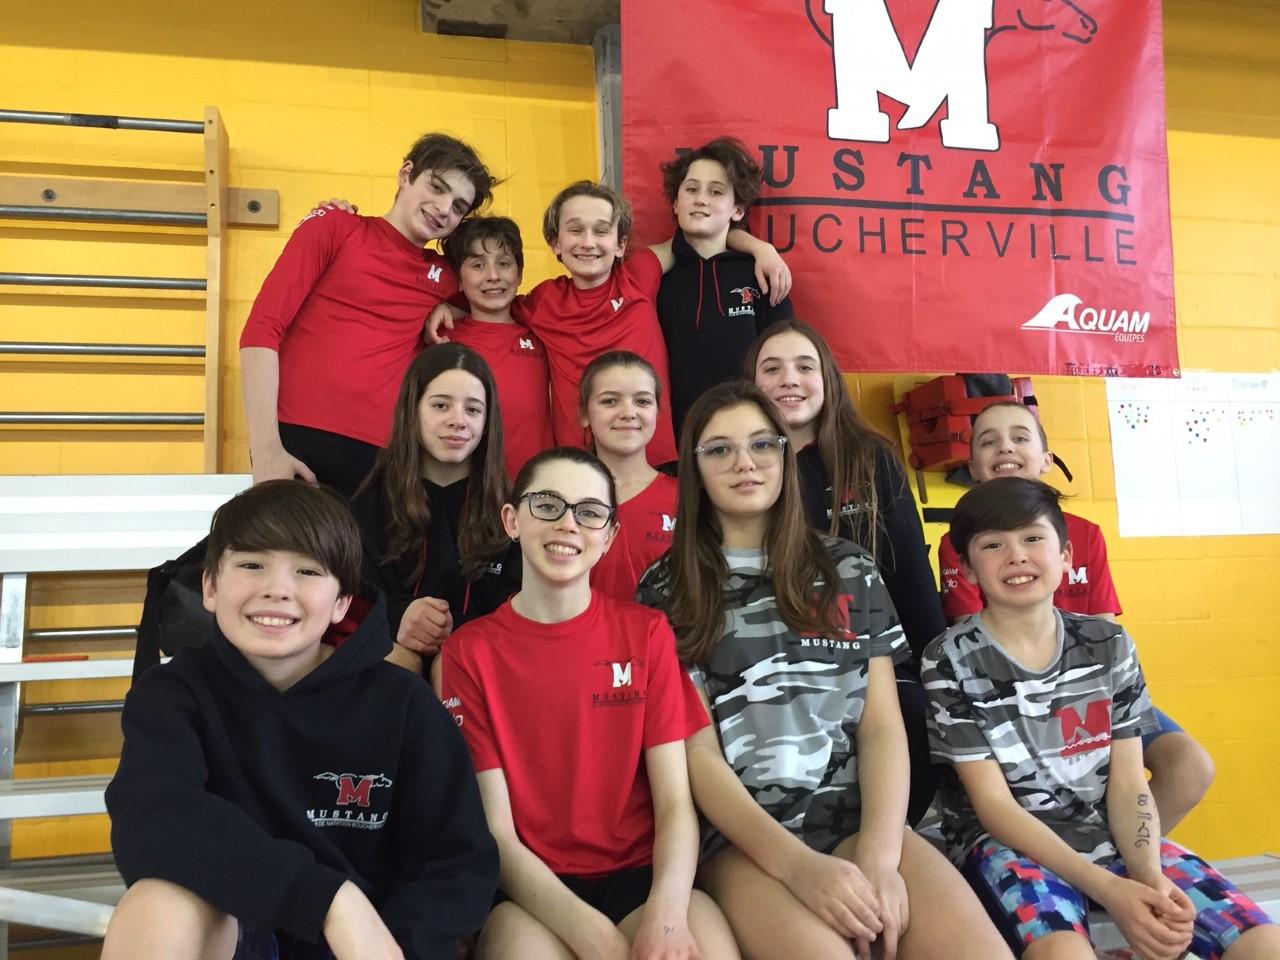 Championnats québécois de natation 11 et 12 ans : belle compétition pour le Mustang!